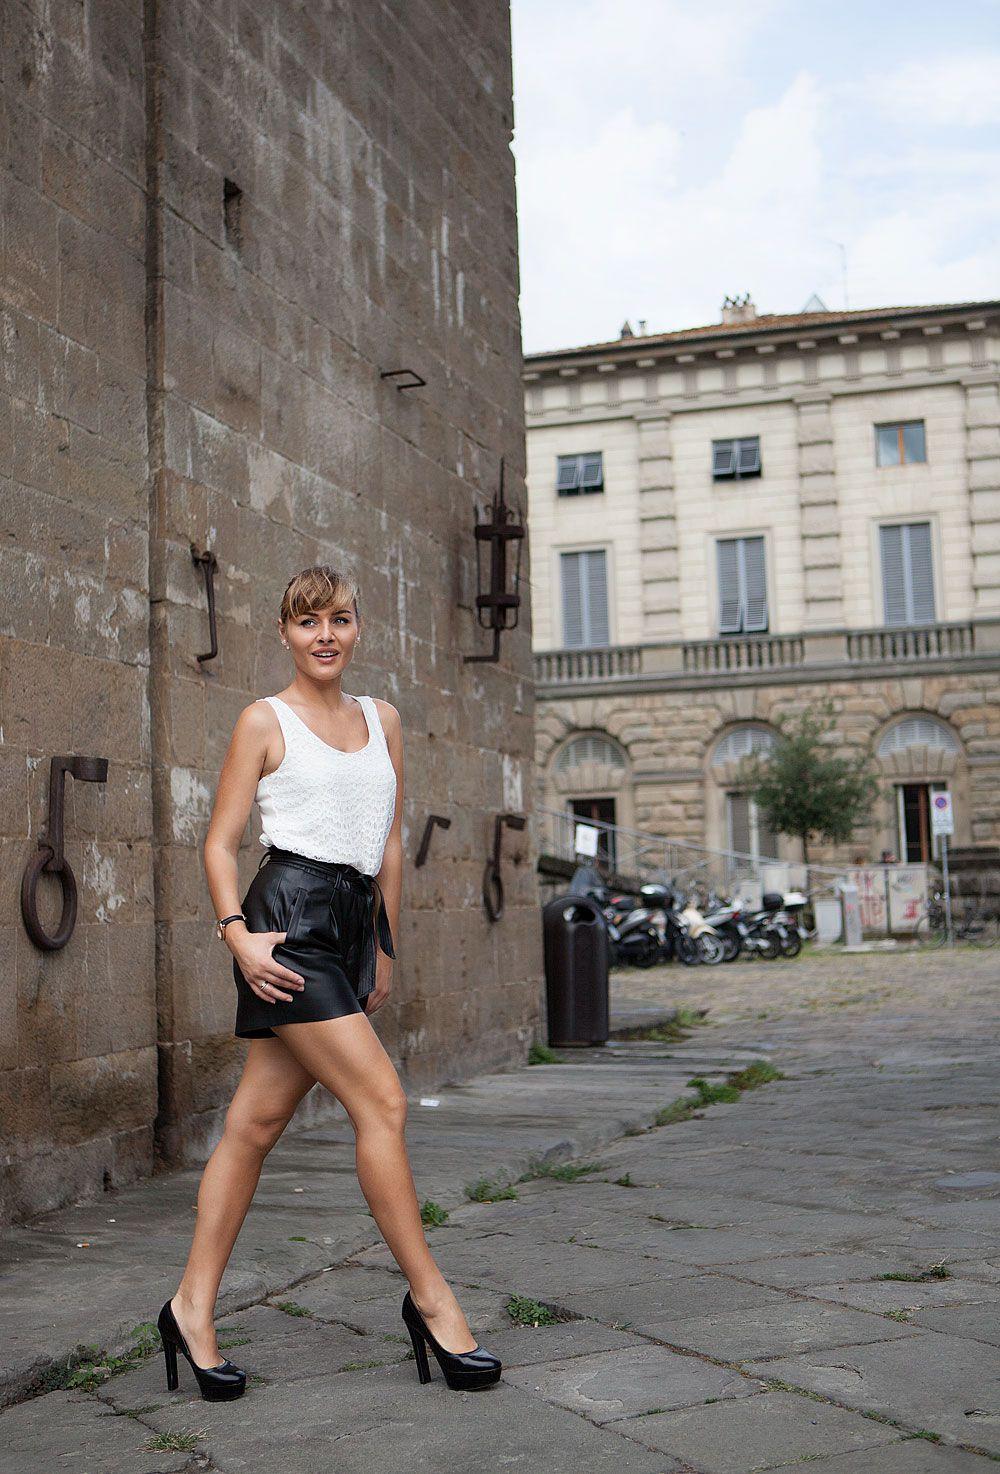 ultimo stile del 2019 Sconto del 60% migliore vendita Un outfit con PANTALONI CORTI in PELLE per una passeggiata a ...